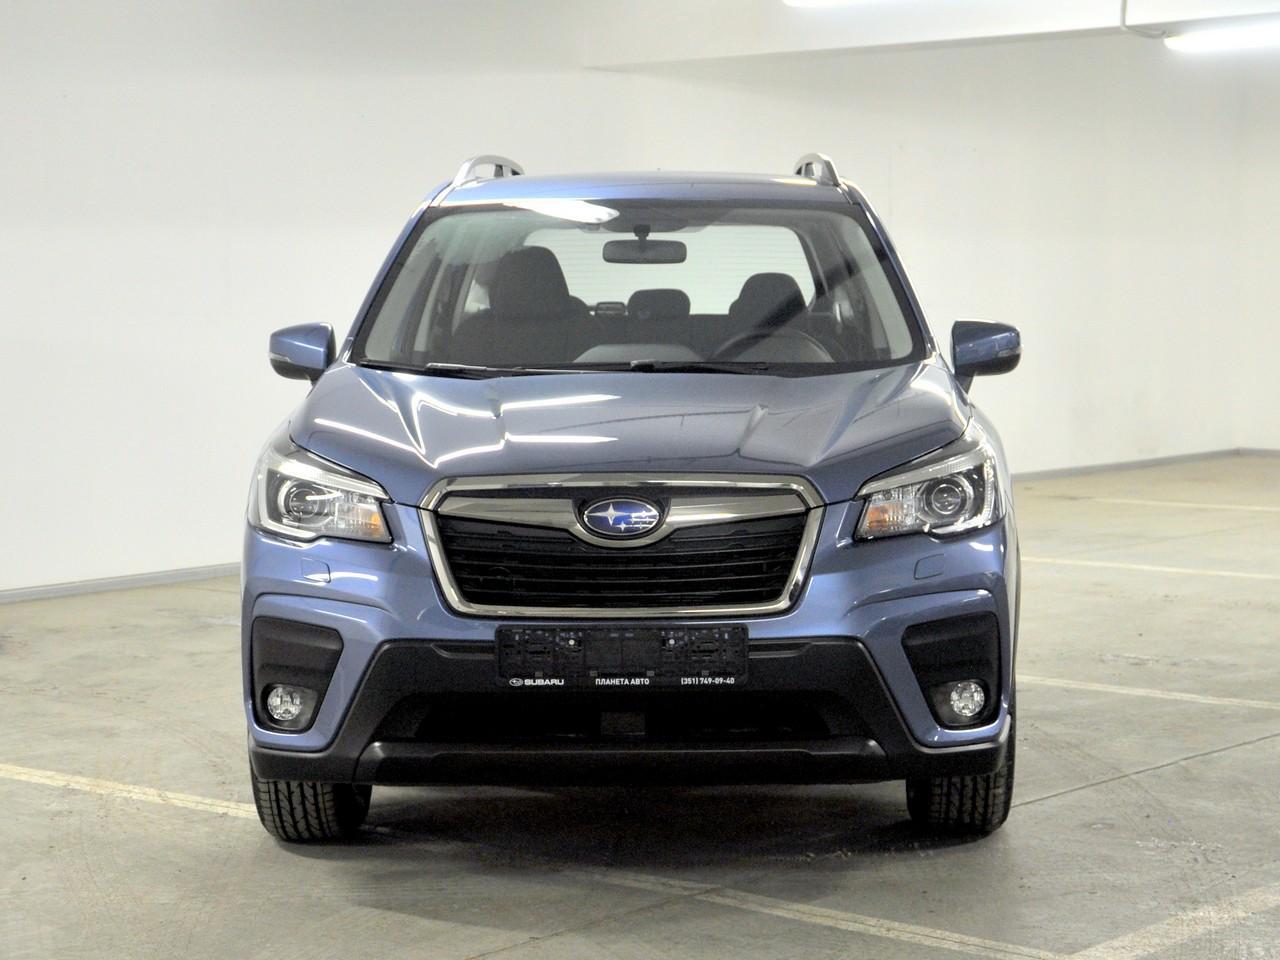 Subaru Forester New 2.0i-L AWD CVT (150 л. с.) Comfort